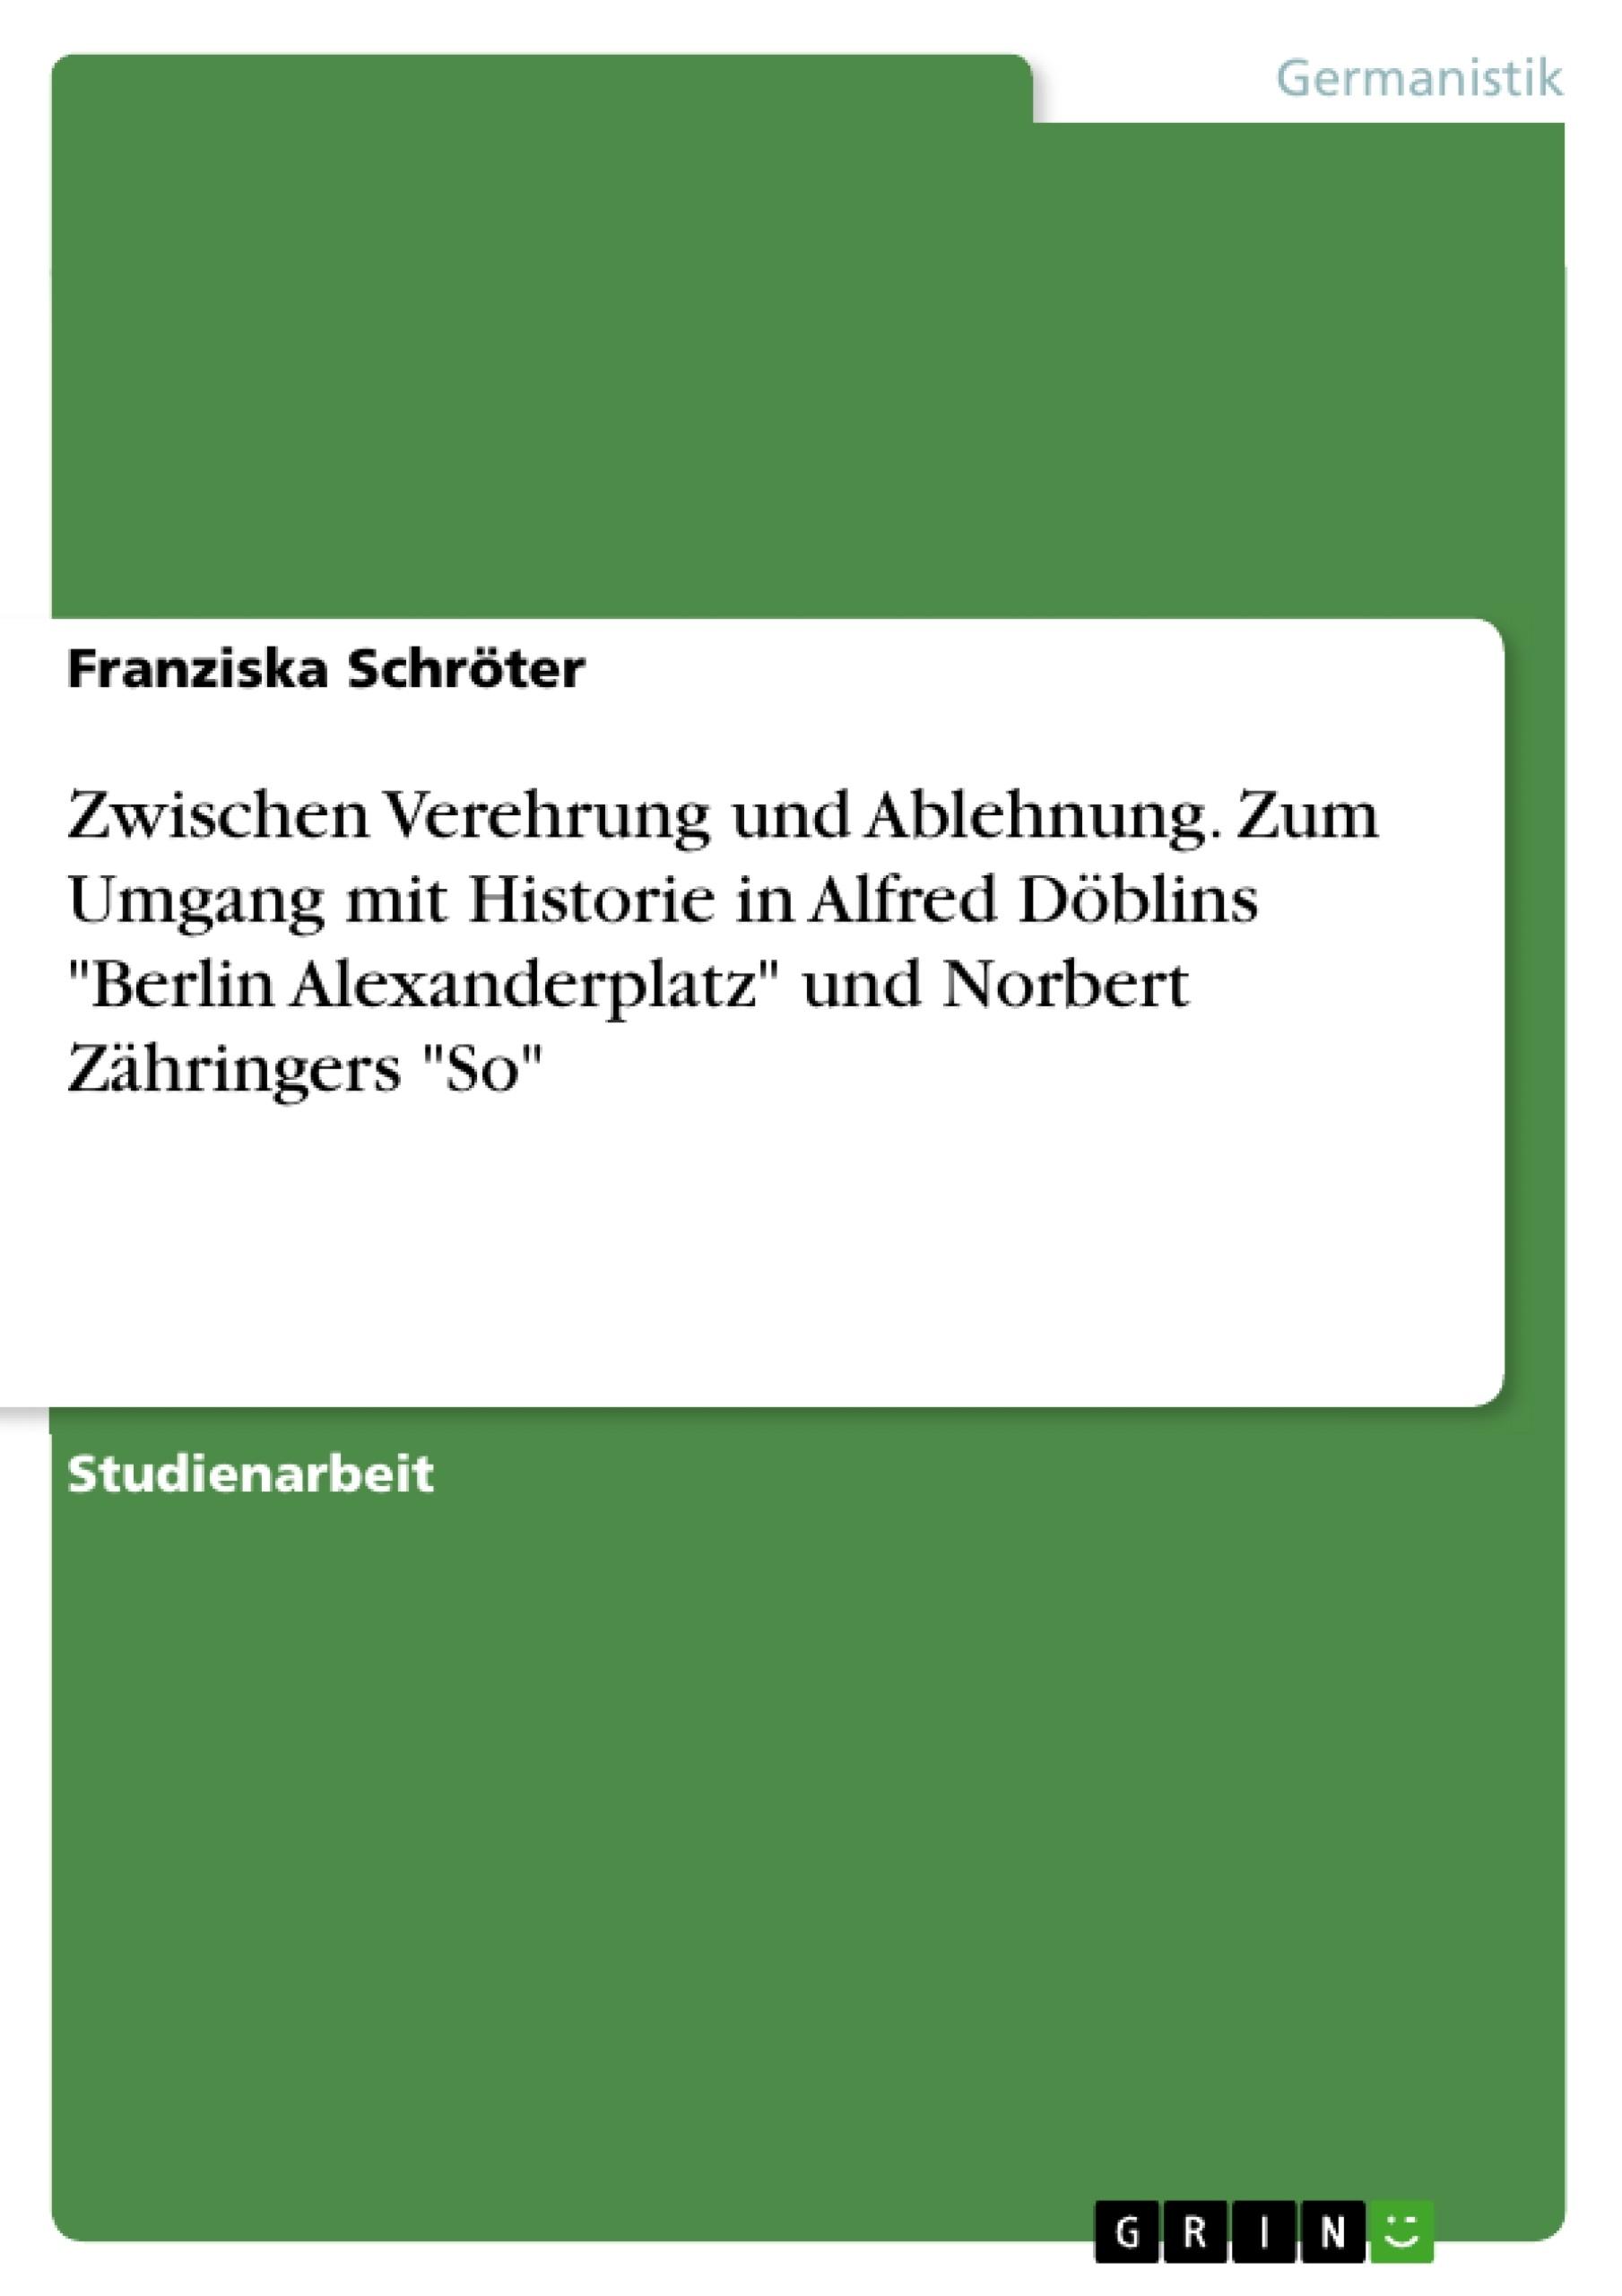 """Titel: Zwischen Verehrung und Ablehnung. Zum Umgang mit Historie in Alfred Döblins """"Berlin Alexanderplatz"""" und Norbert Zähringers """"So"""""""